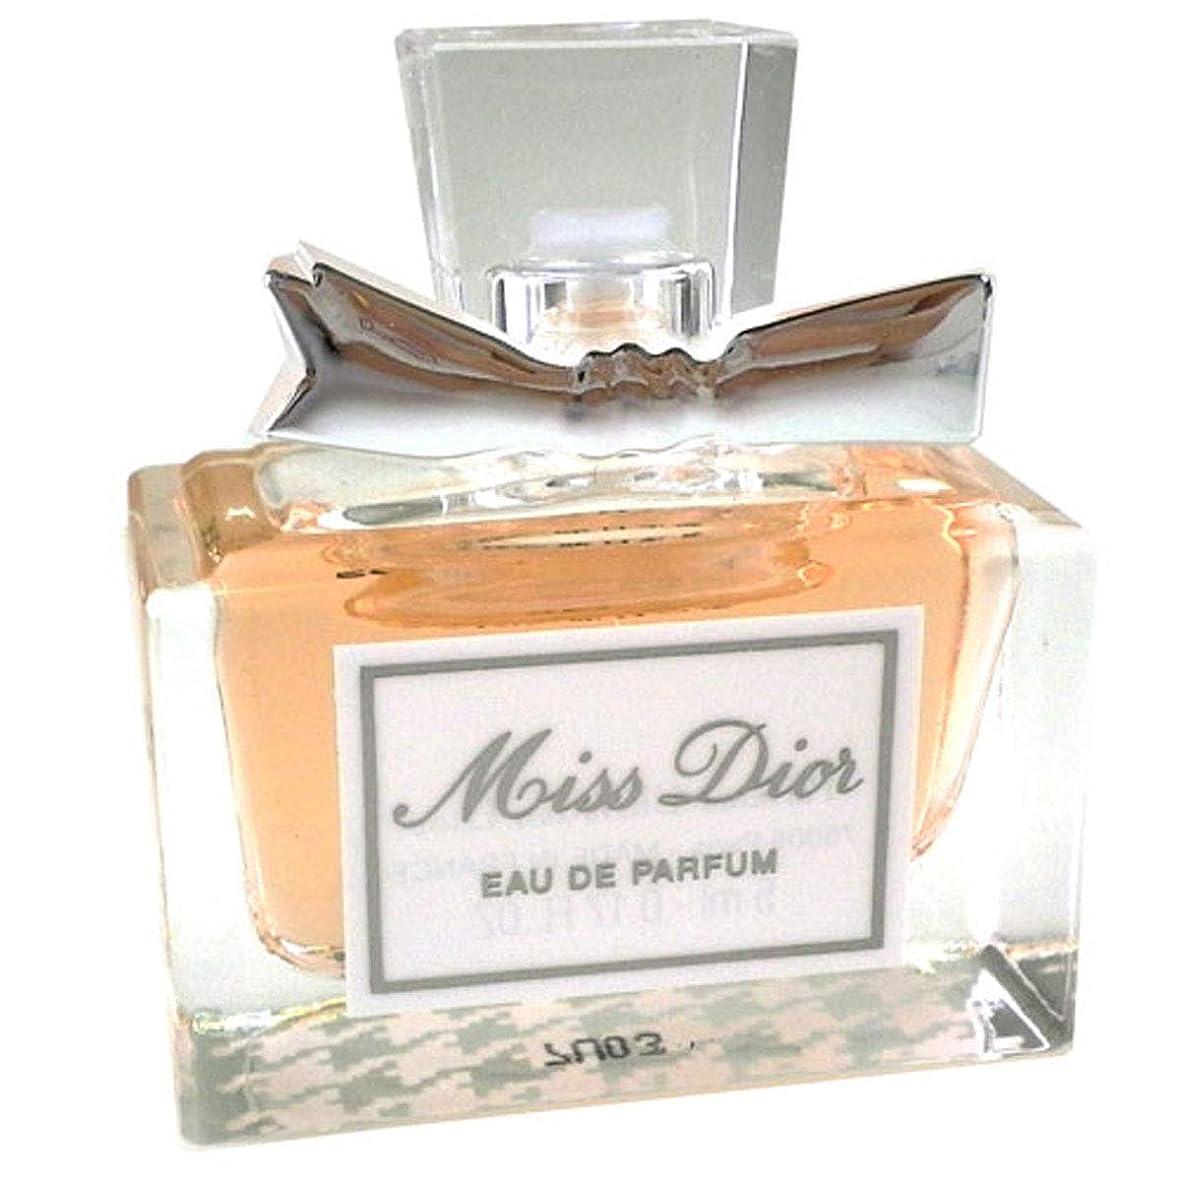 ハンドブックインクトーンDior ディオール 香水 ミス ディオール Miss Dior 5ml ブレスレット アンクレット アクセサリー ミニサイズ ミニコスメ トラベル 化粧 メイク コスメ ピンク 海外限定